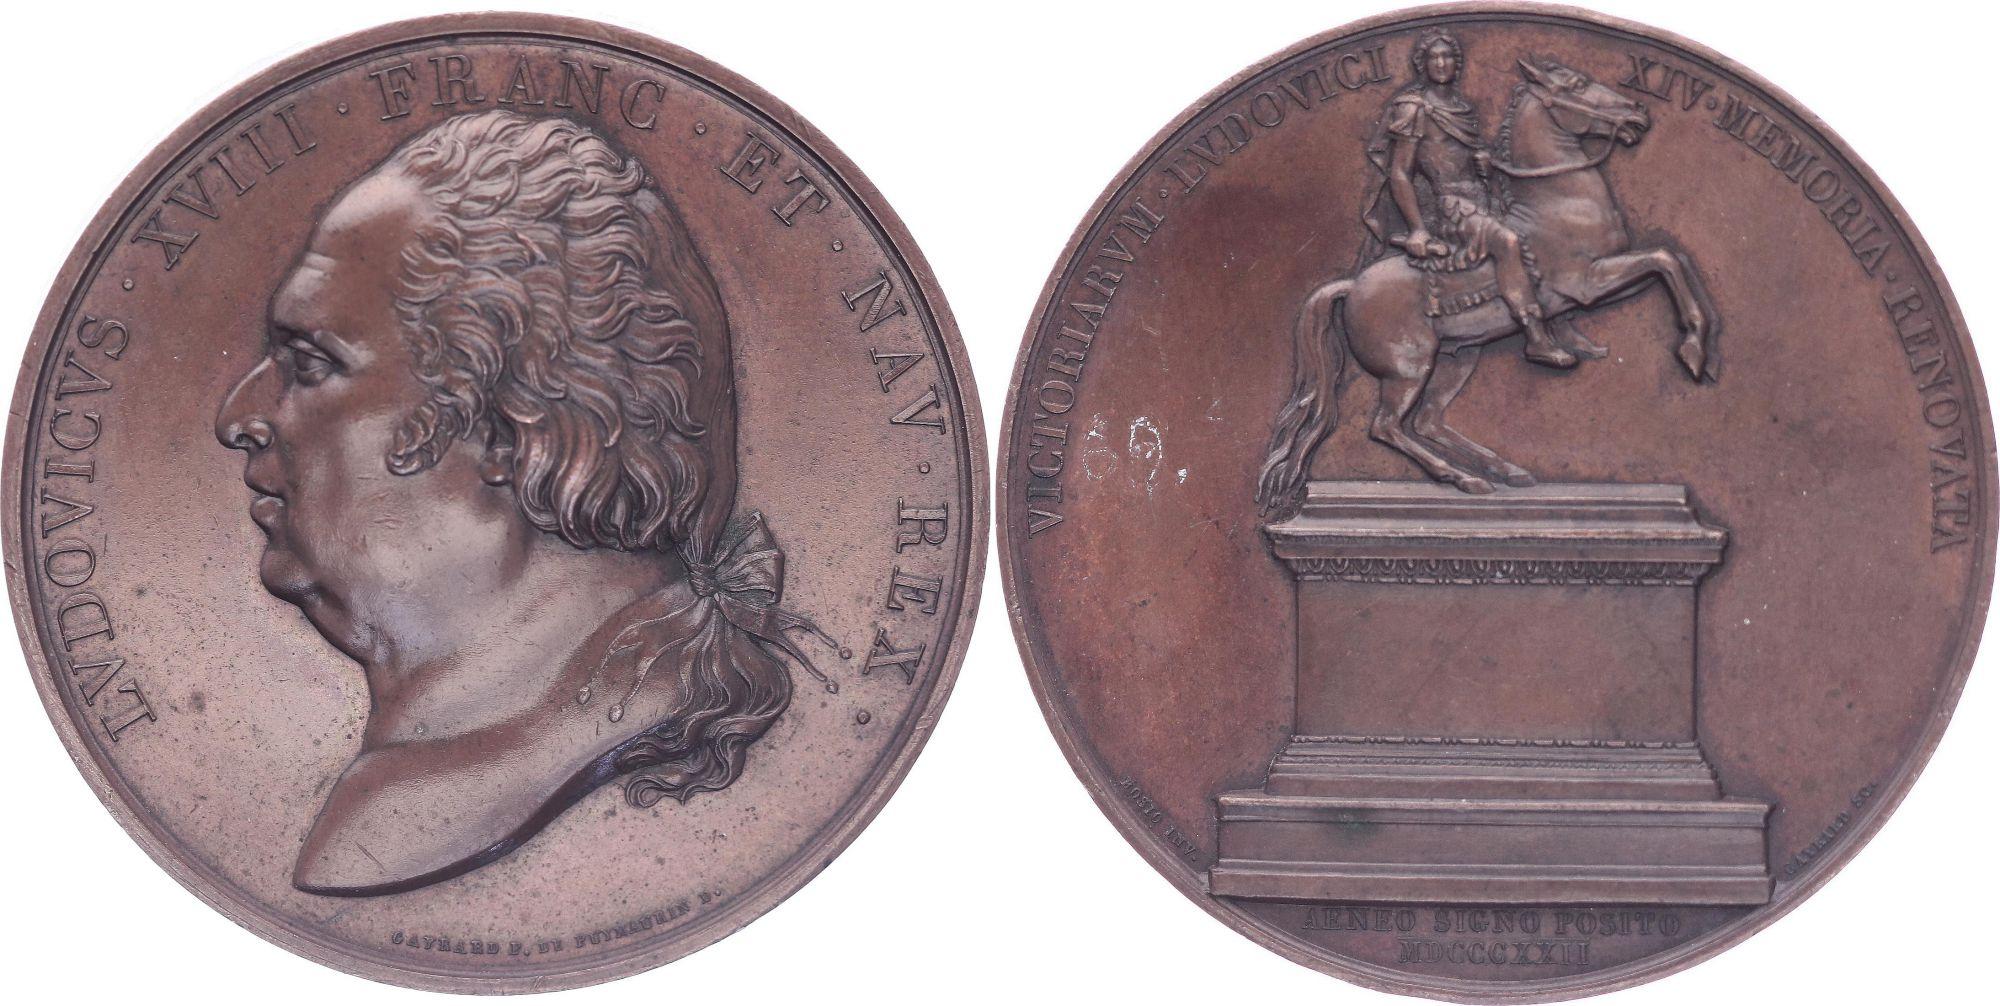 France Louis XVIII - Place des Victoires Paris - 1822